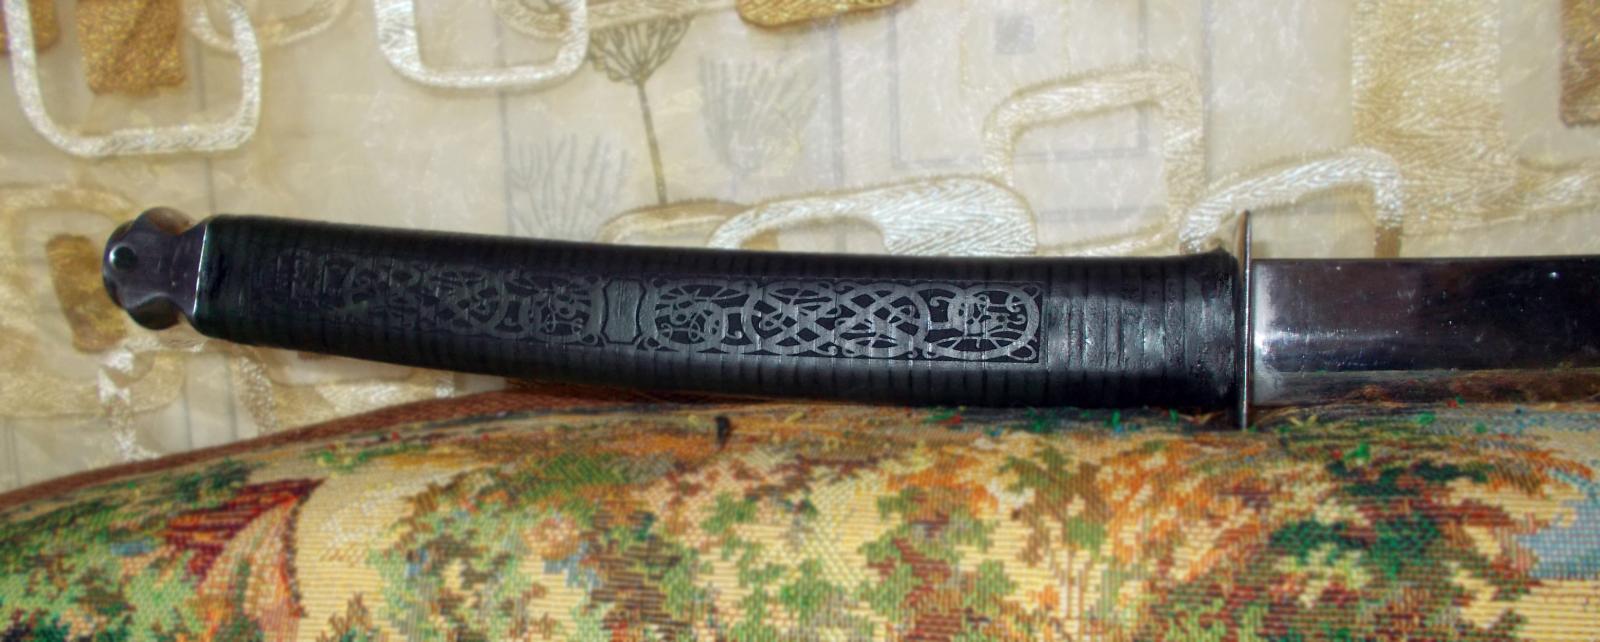 Гравировка кожаной обмотки рукояти японского меча